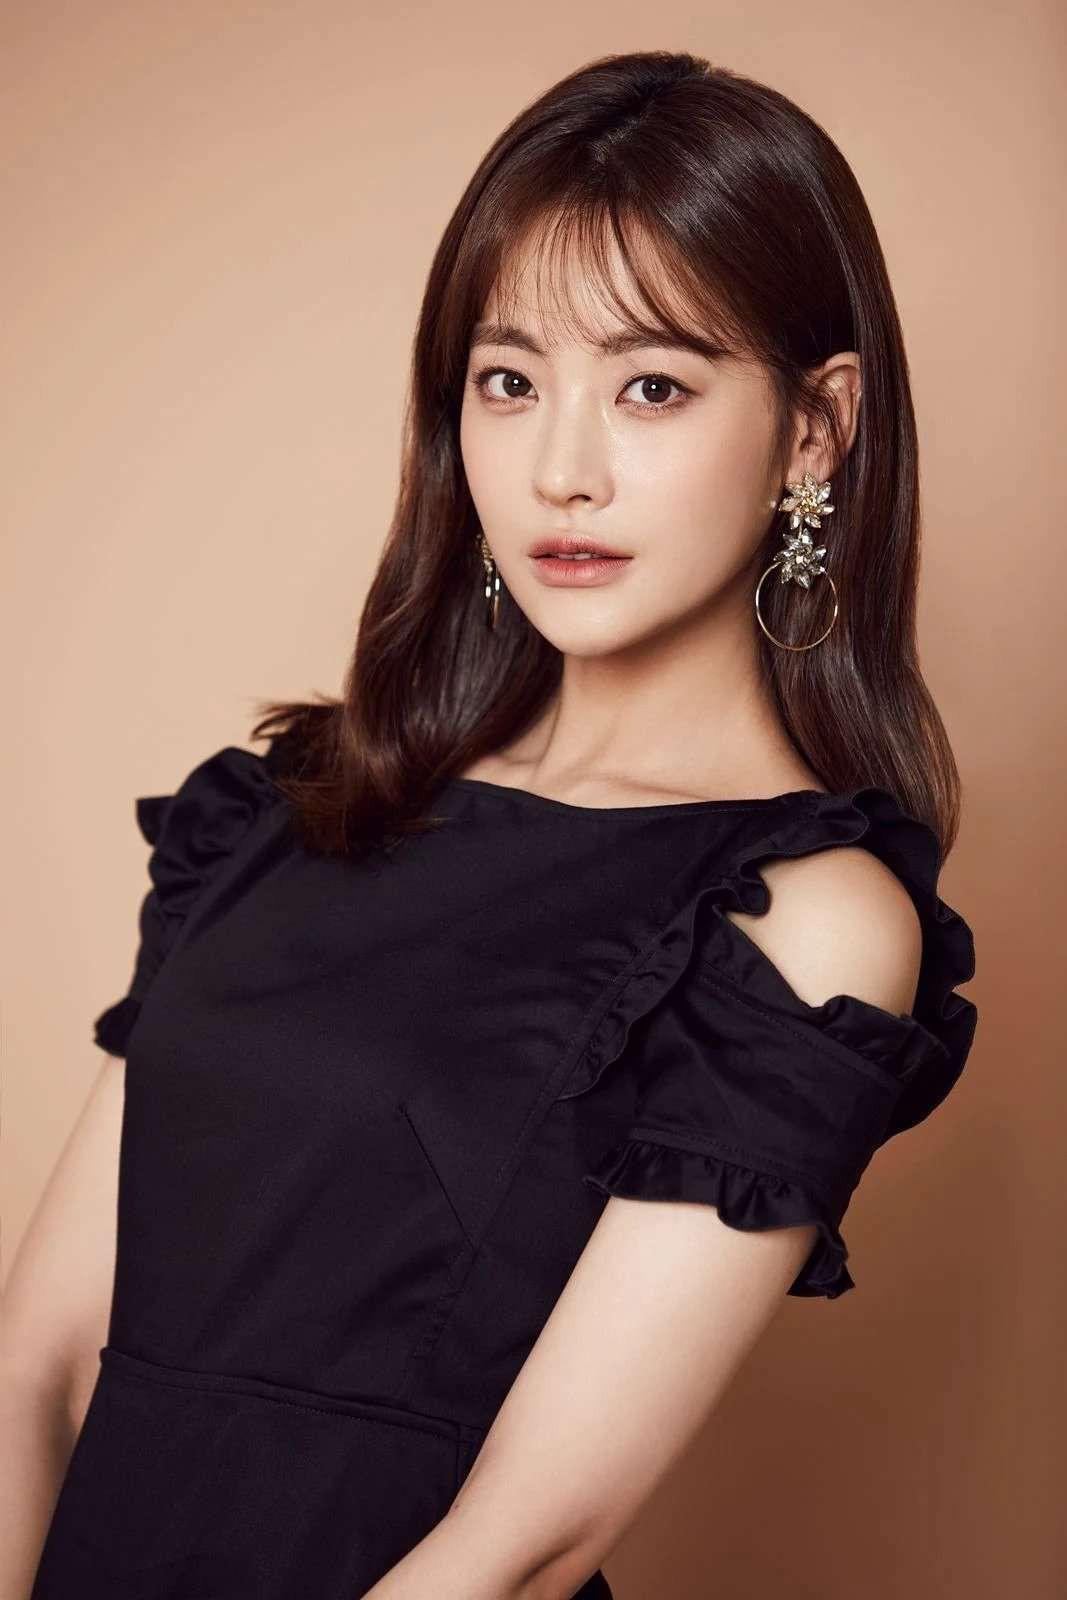 Oh Yeon Seo đứng ở vị trí 34 trong 55 người đẹp.